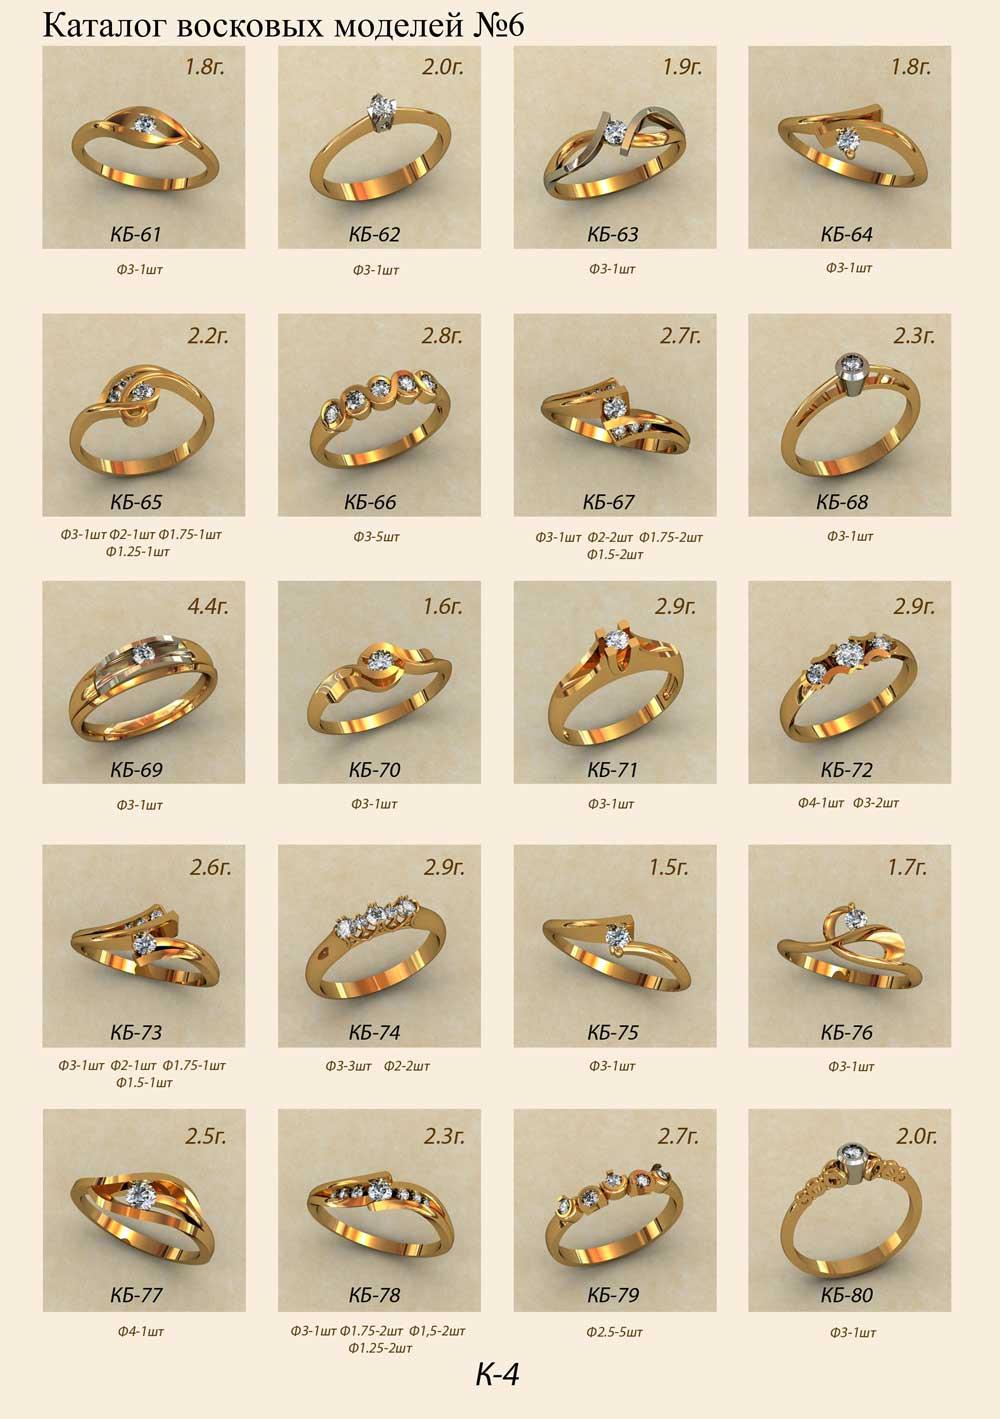 rings81